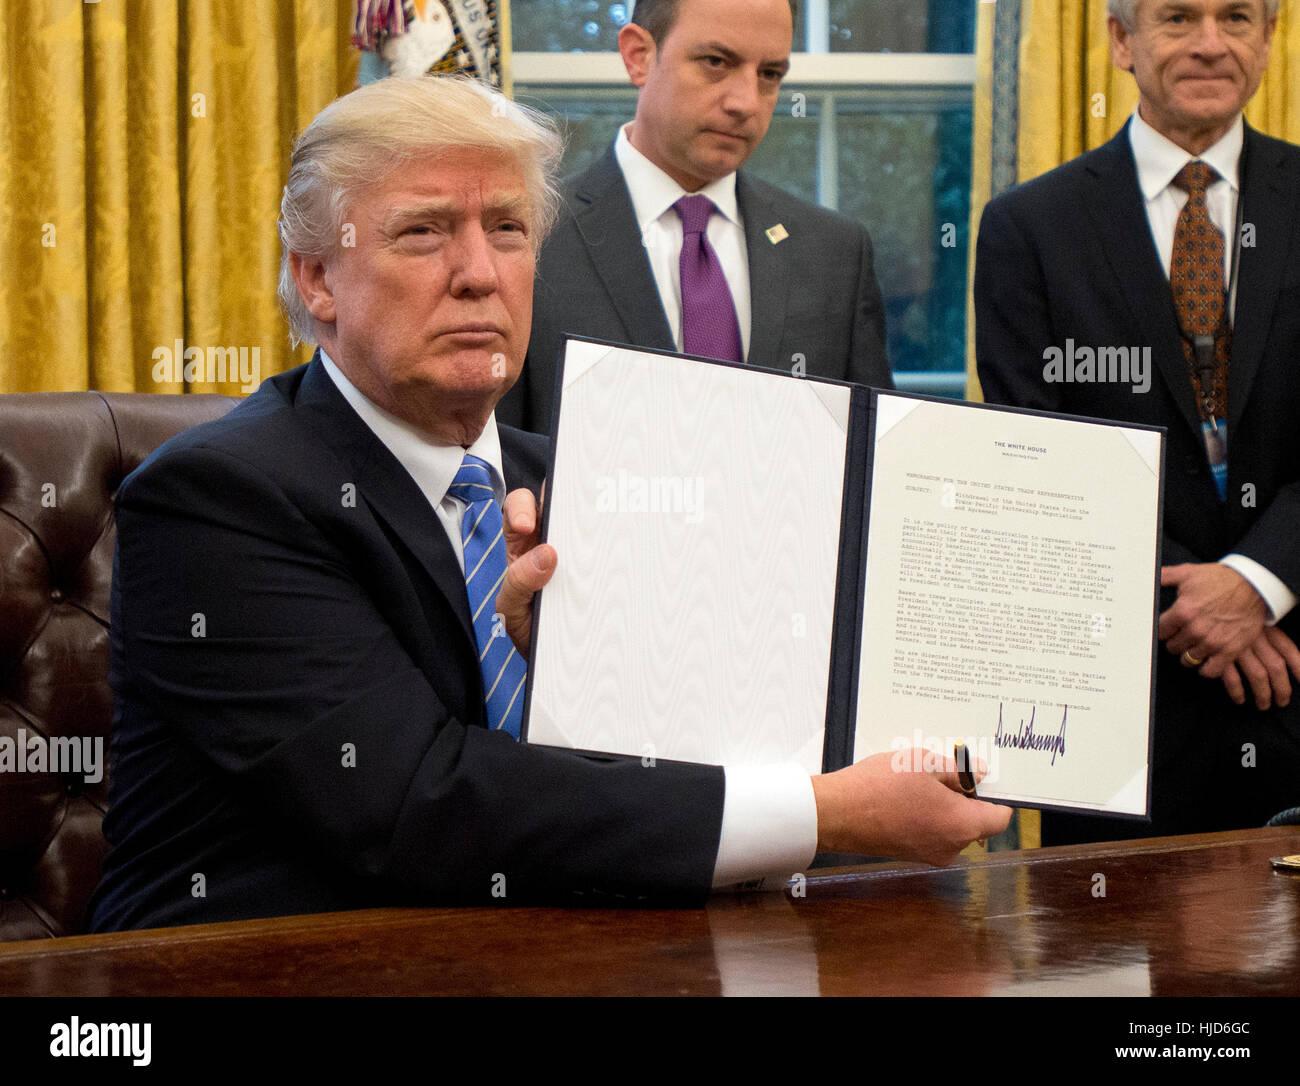 Aborti all'estero. 23 gen 2017. Il Presidente degli Stati Uniti, Donald Trump mostra l'Ordine esecutivo il ritiro Foto Stock